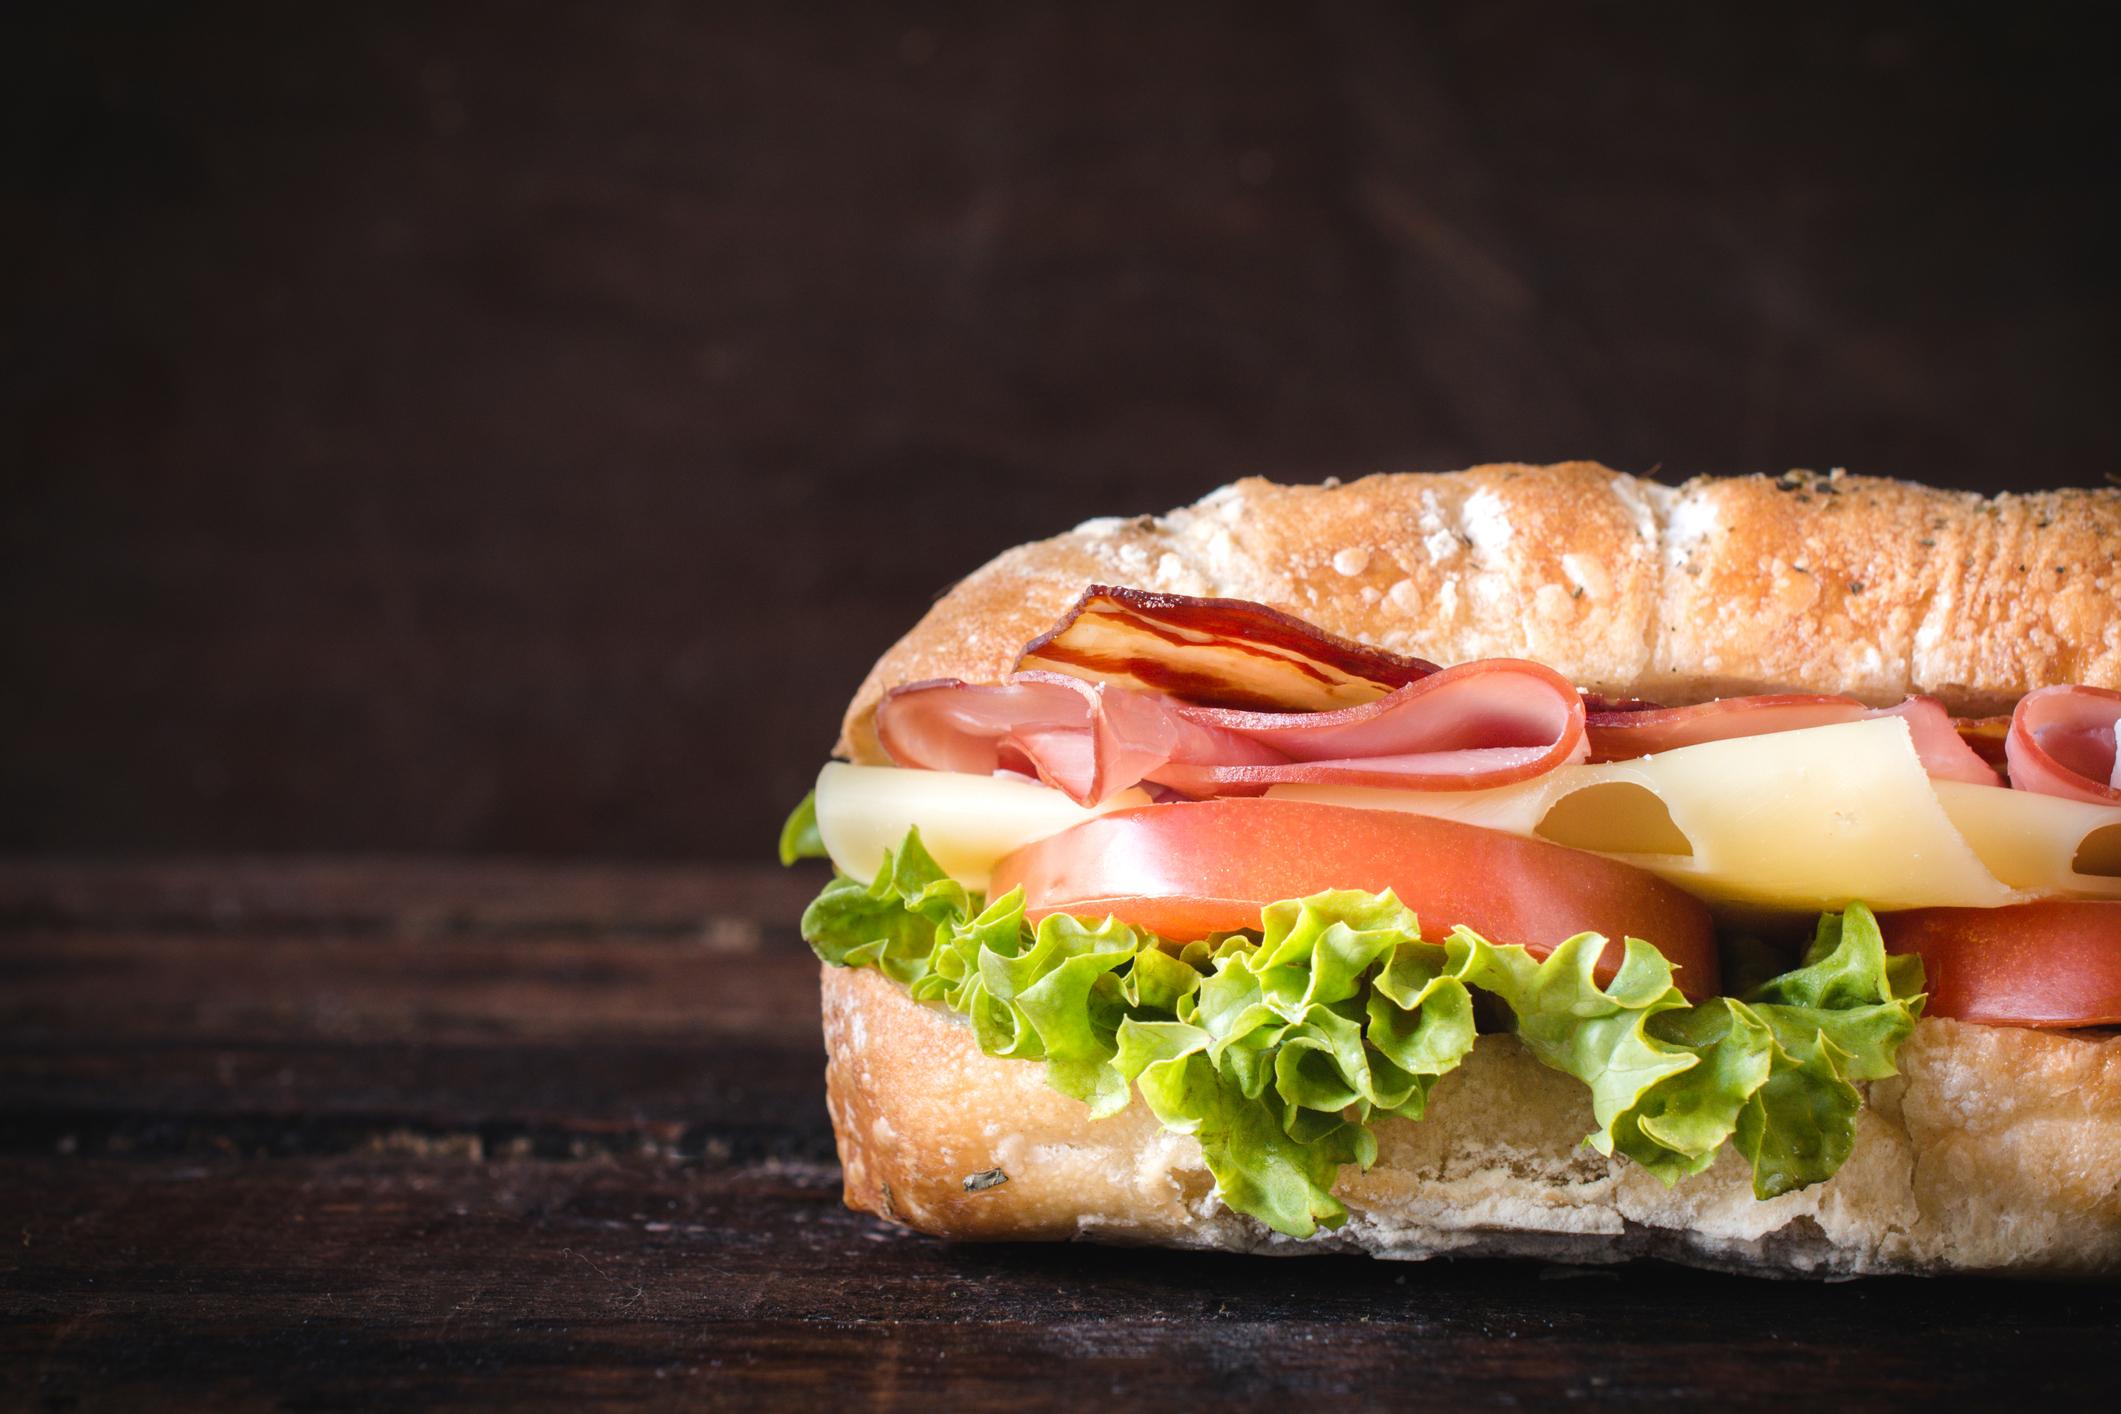 A random sub sandwich